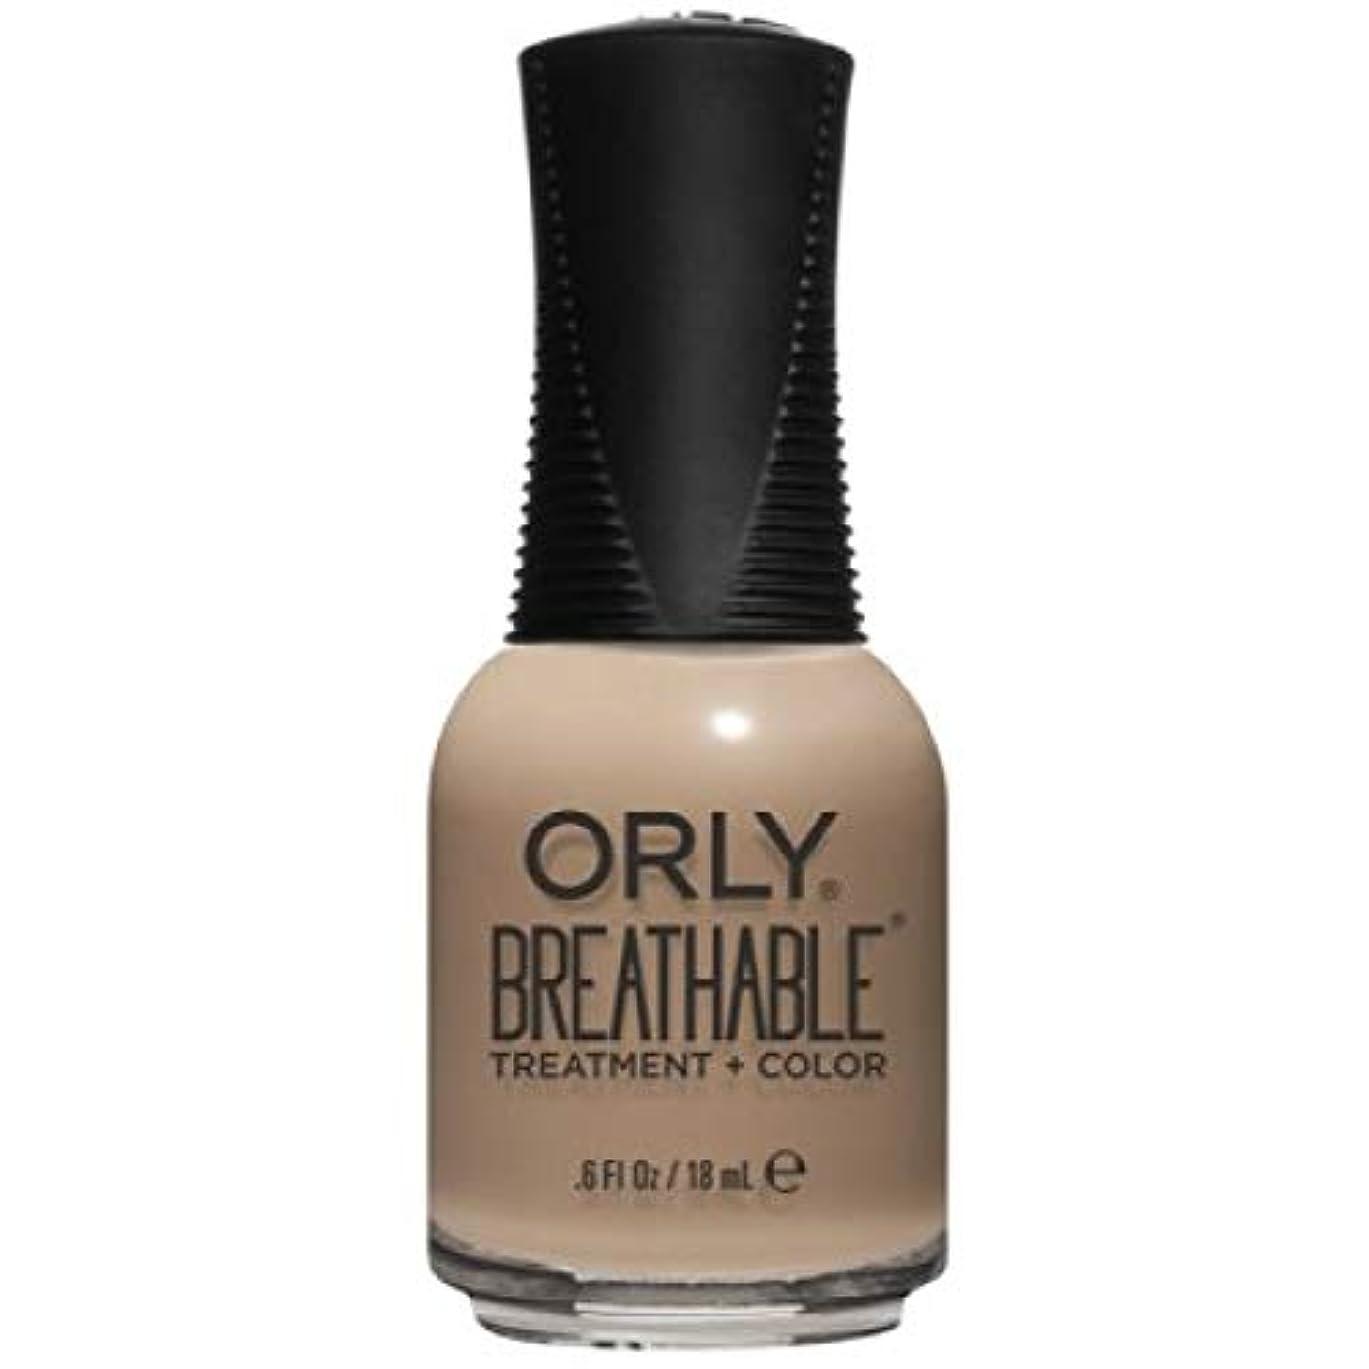 プレビュー受け取る債権者Orly Breathable Nail Lacquer - Treatment + Color - Bare Necessity - 0.6 oz / 18 mL